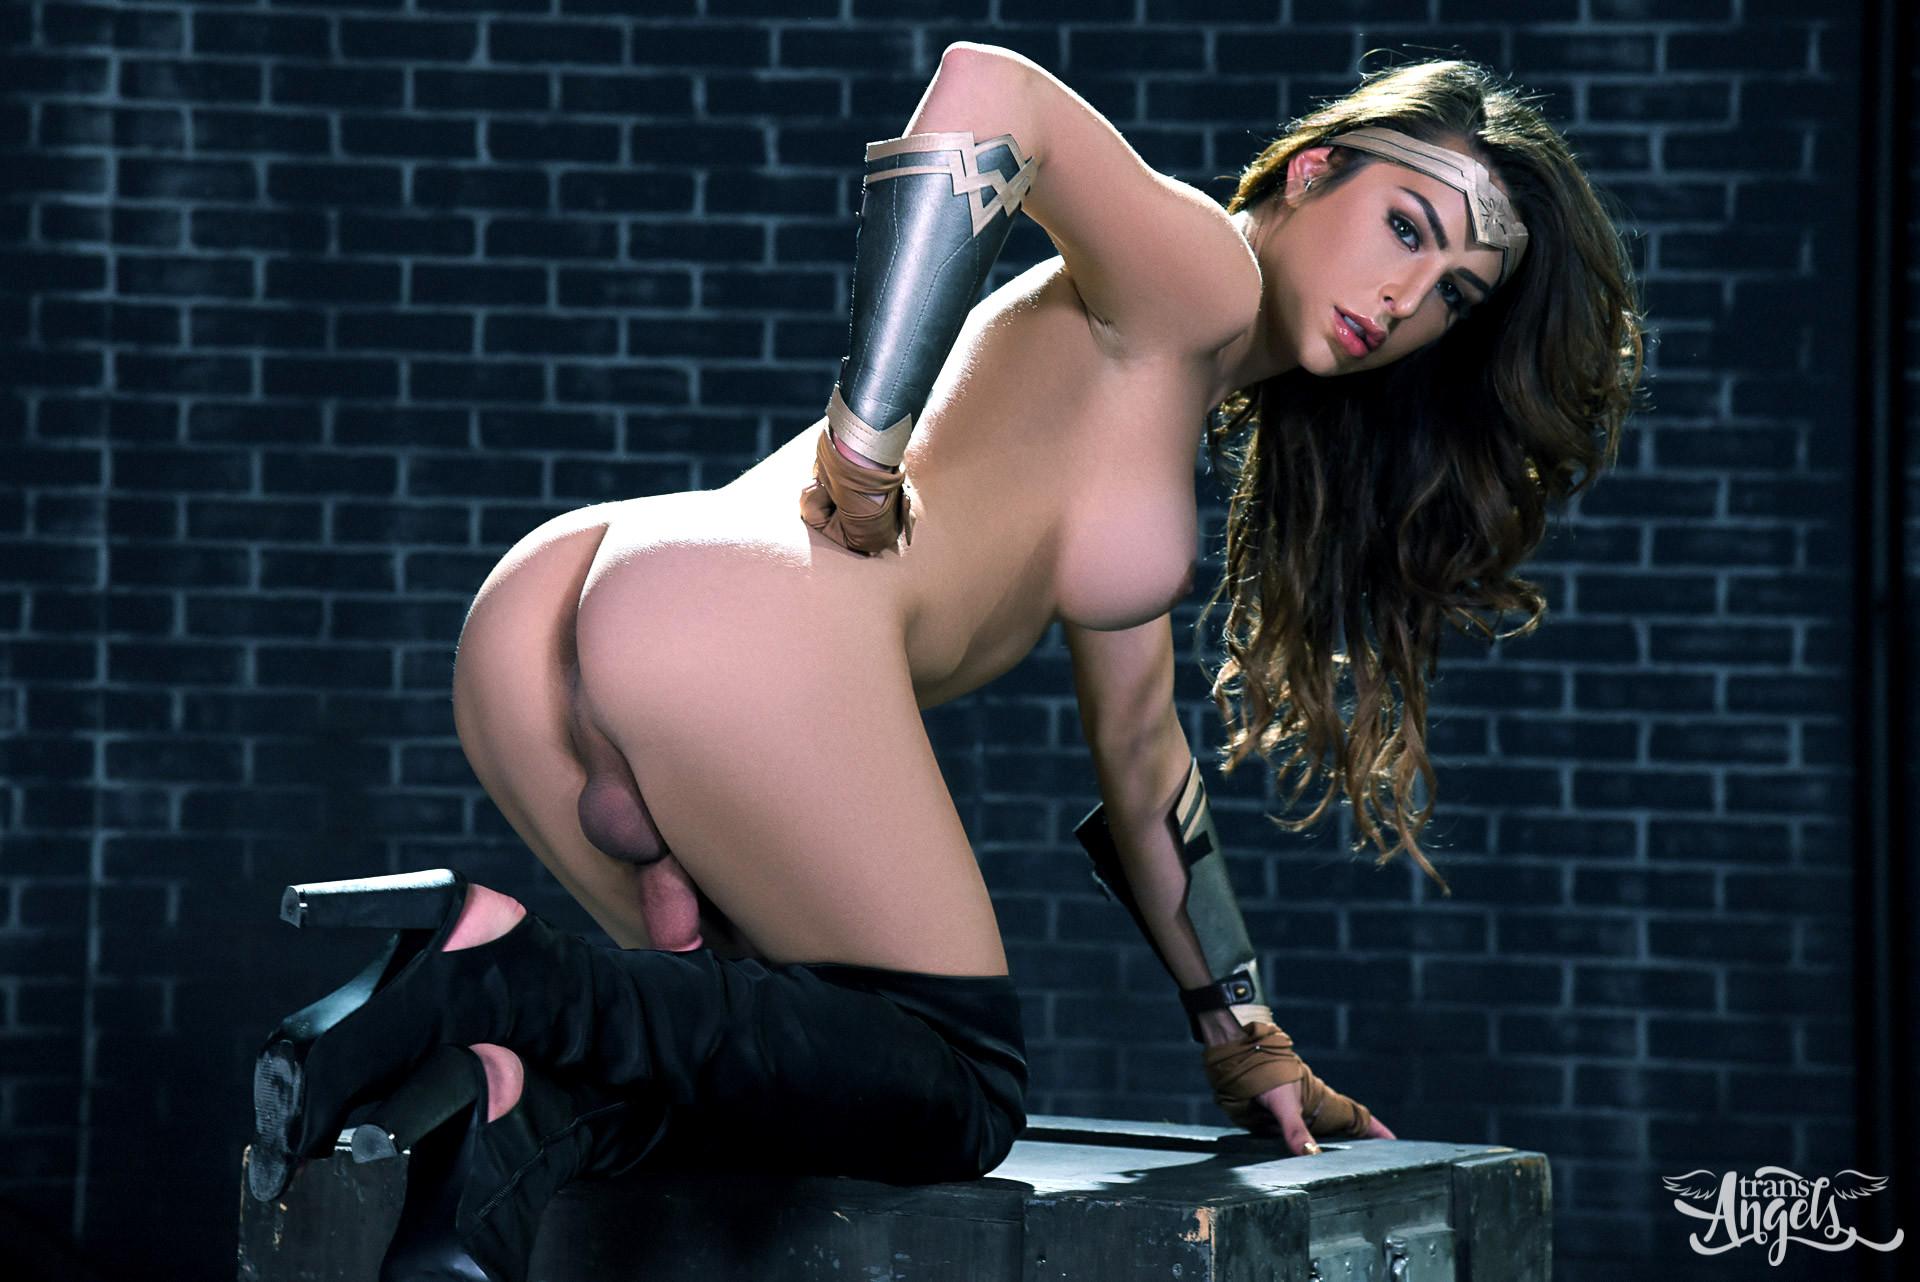 Джейн холланд порно пародия на чудо женщину